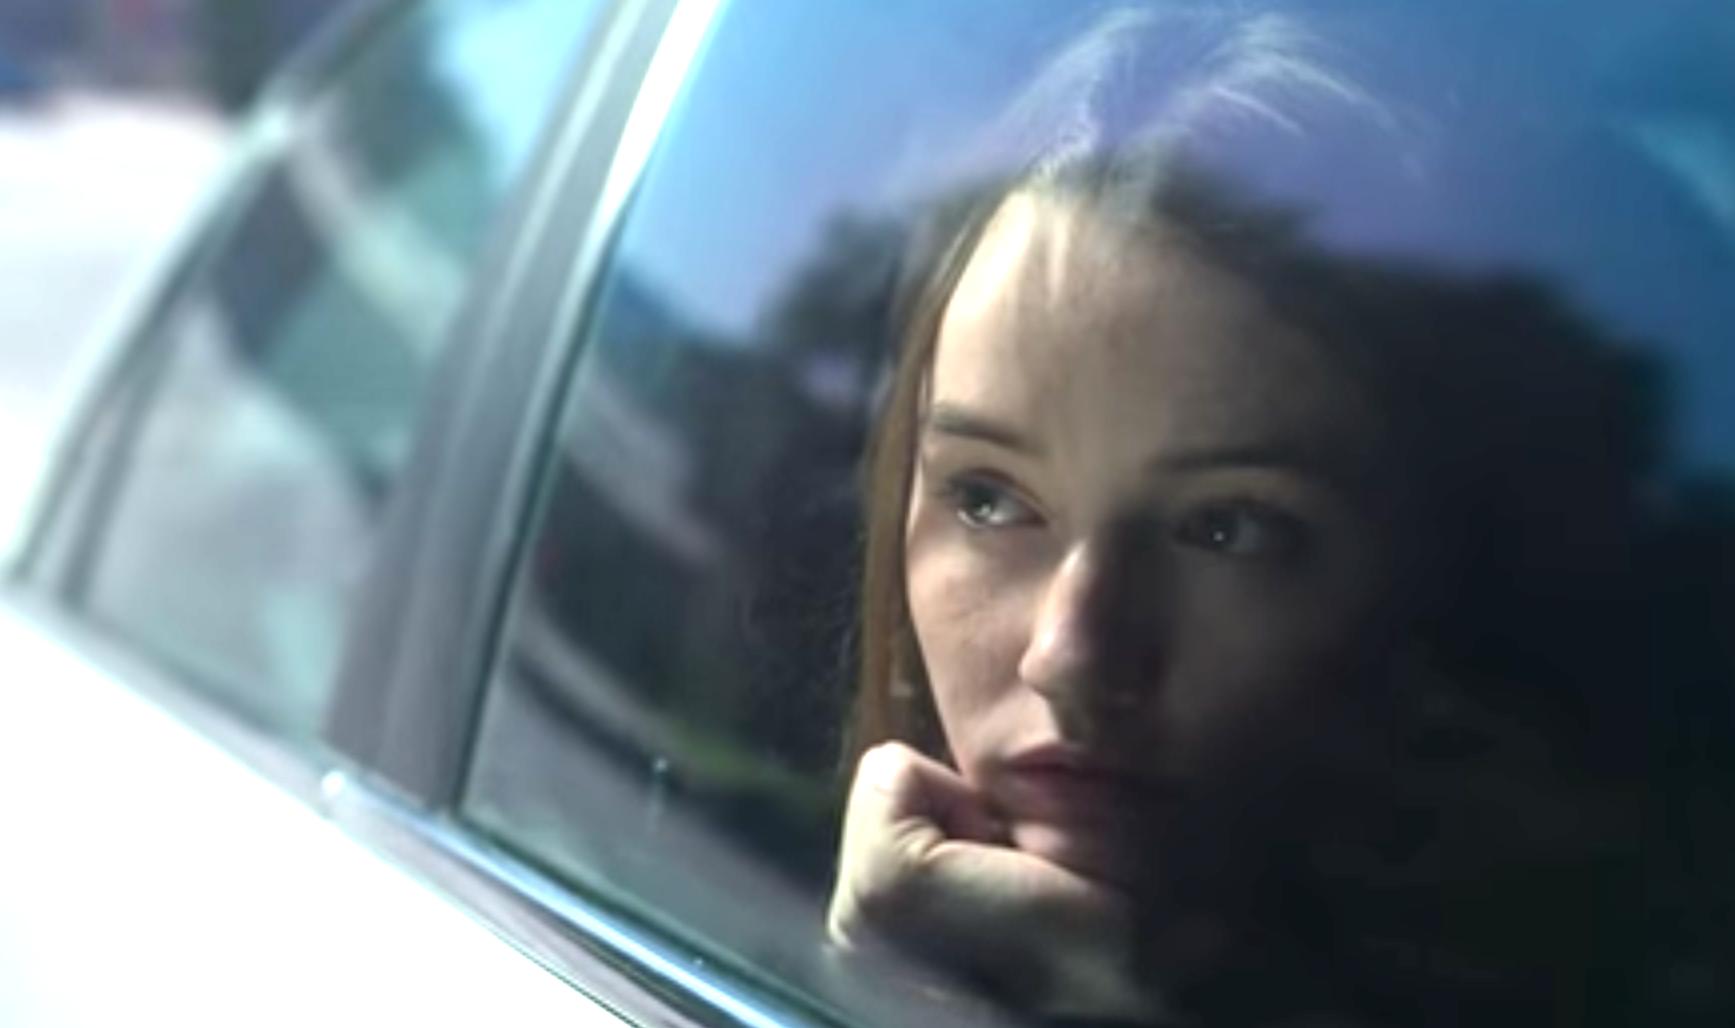 The Heartbreaking True Story of Marie Adler From Netflix's 'Unbelievable'